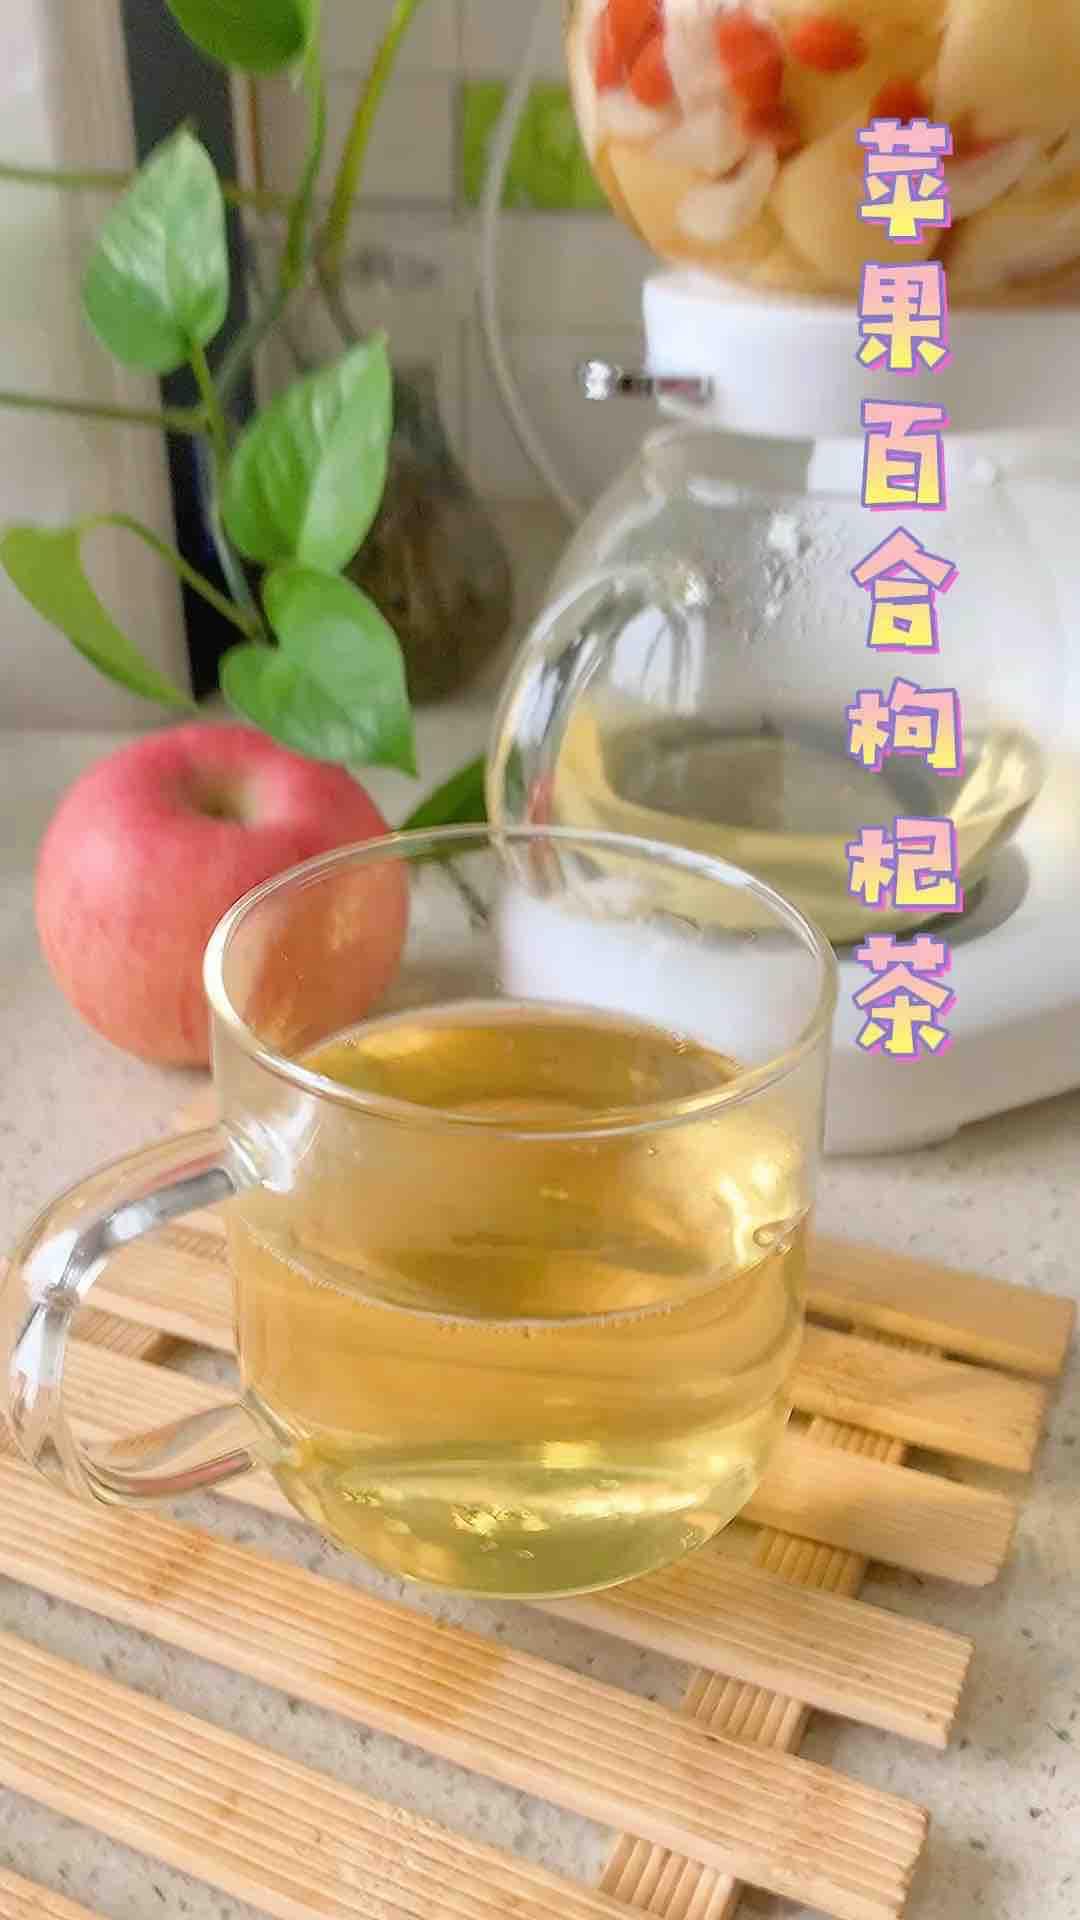 苹果百合枸杞茶